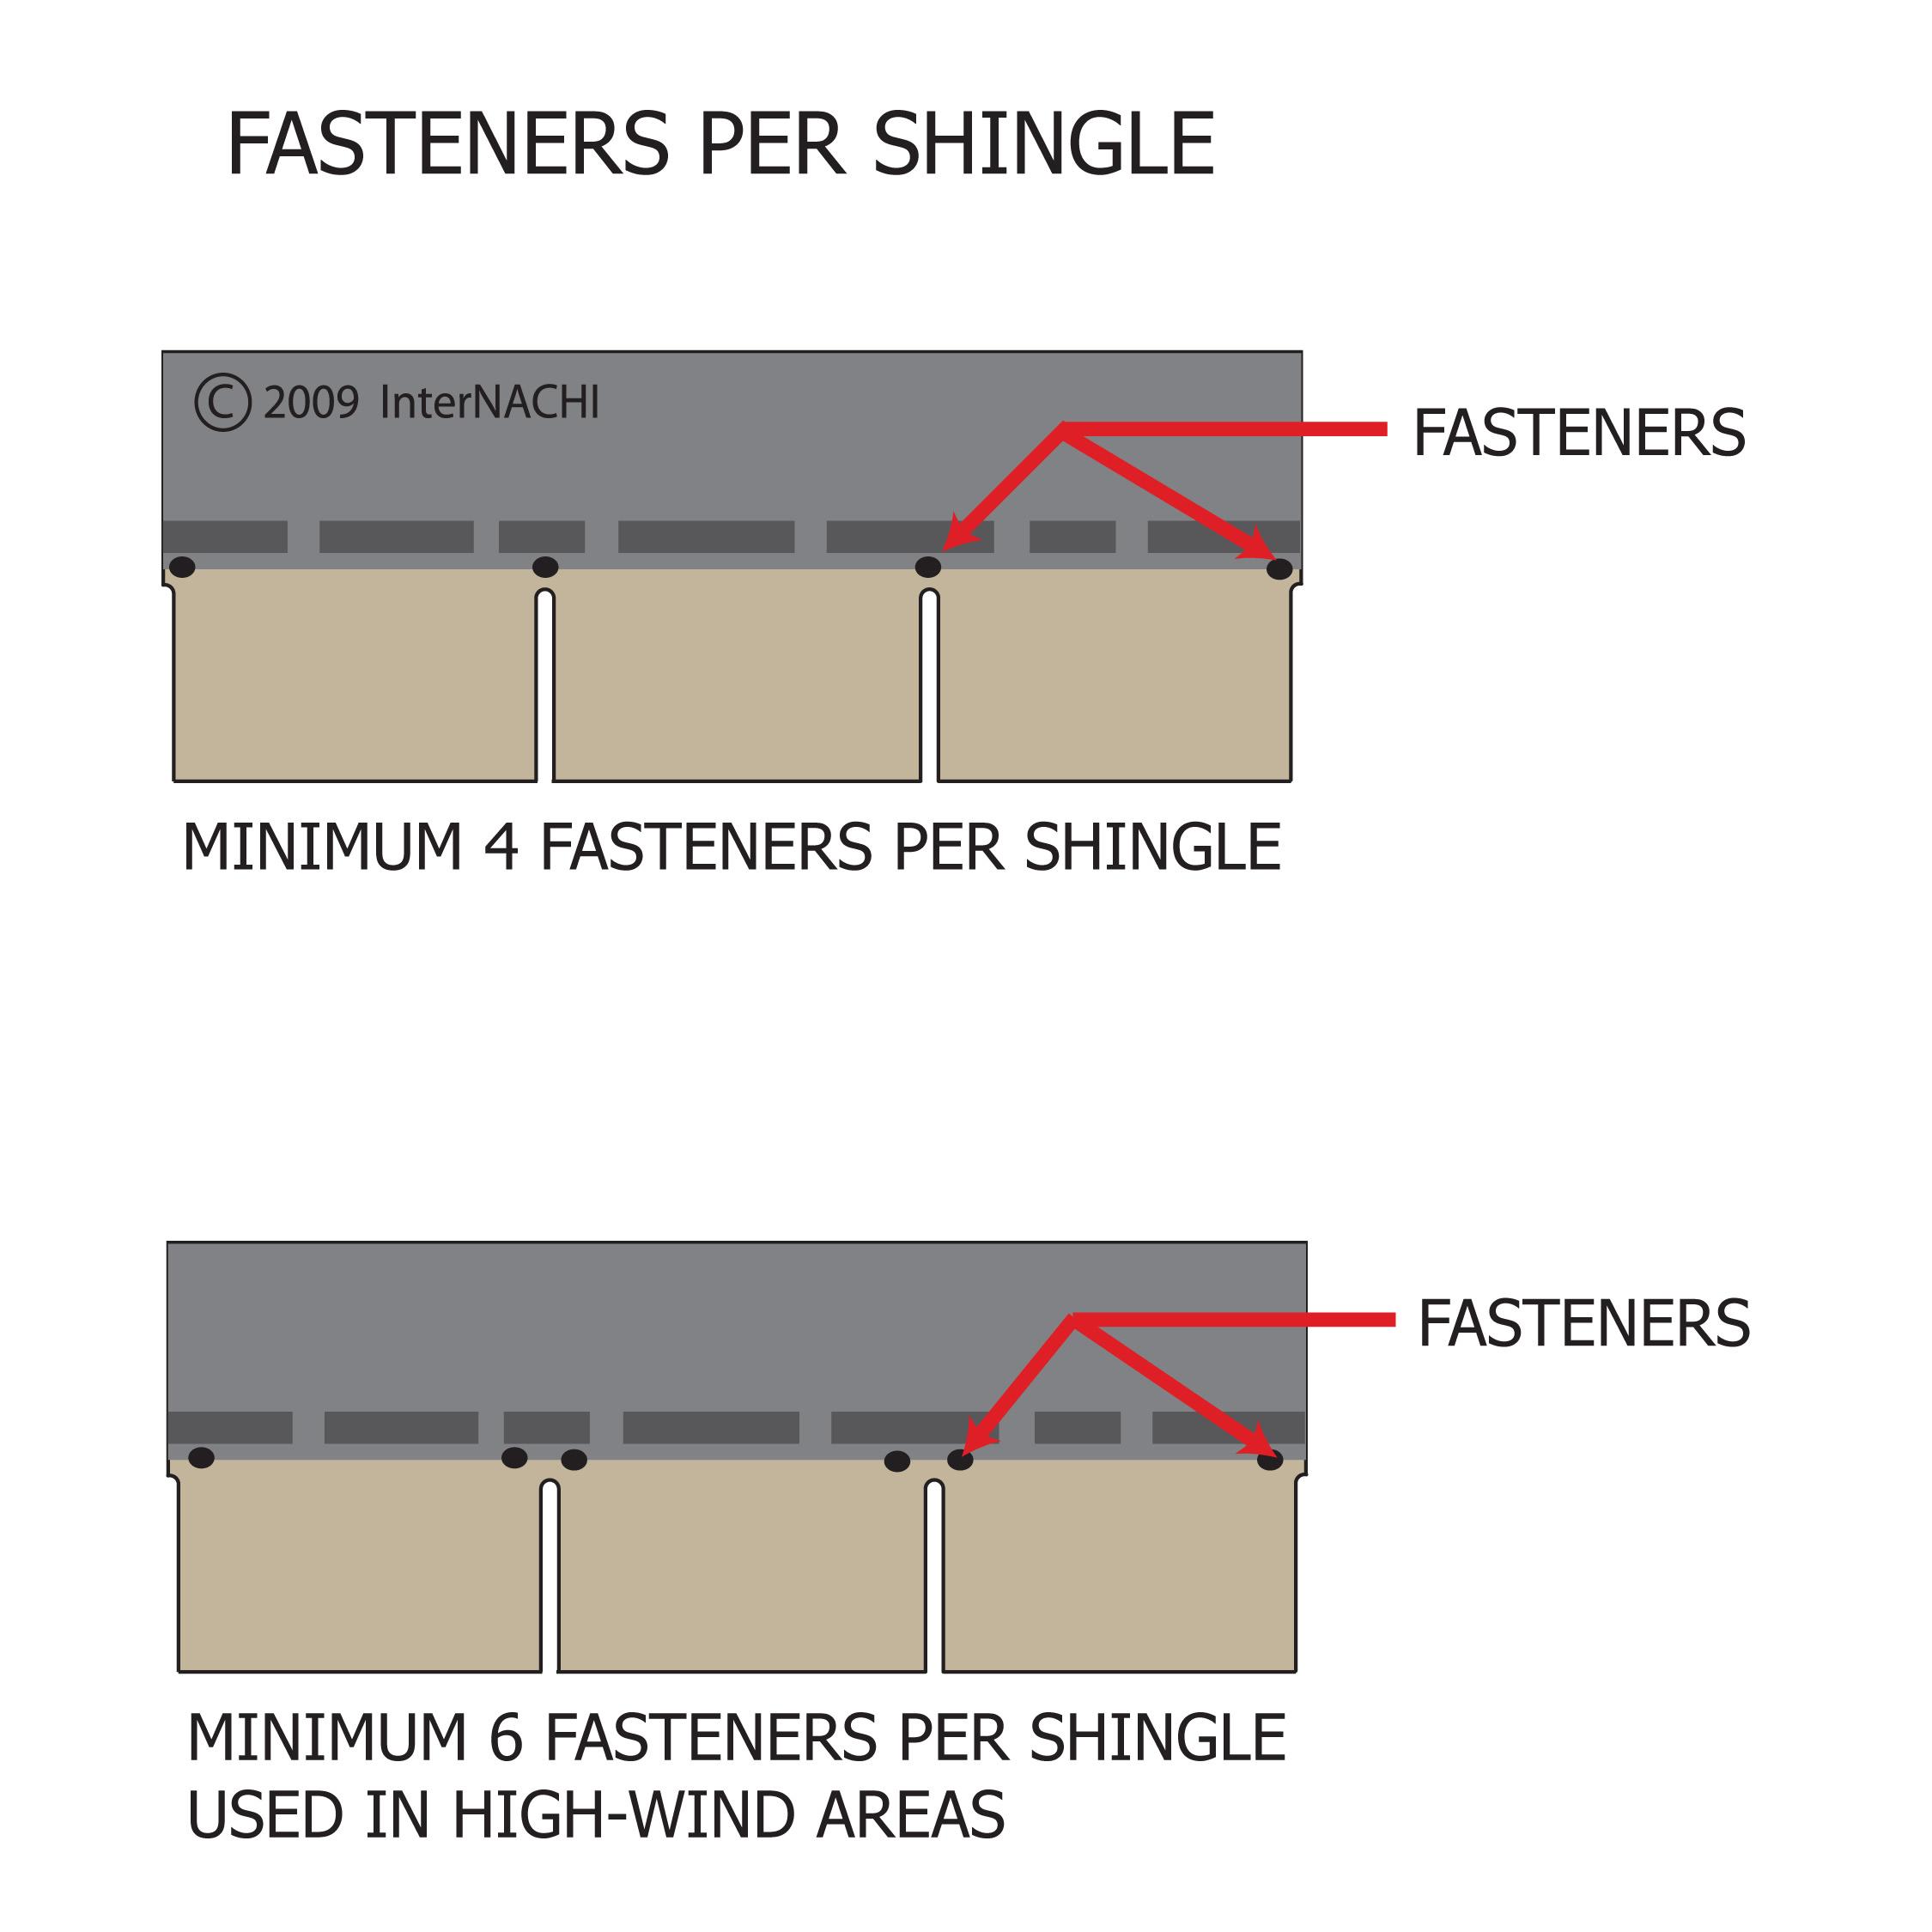 Fasteners per shingle.